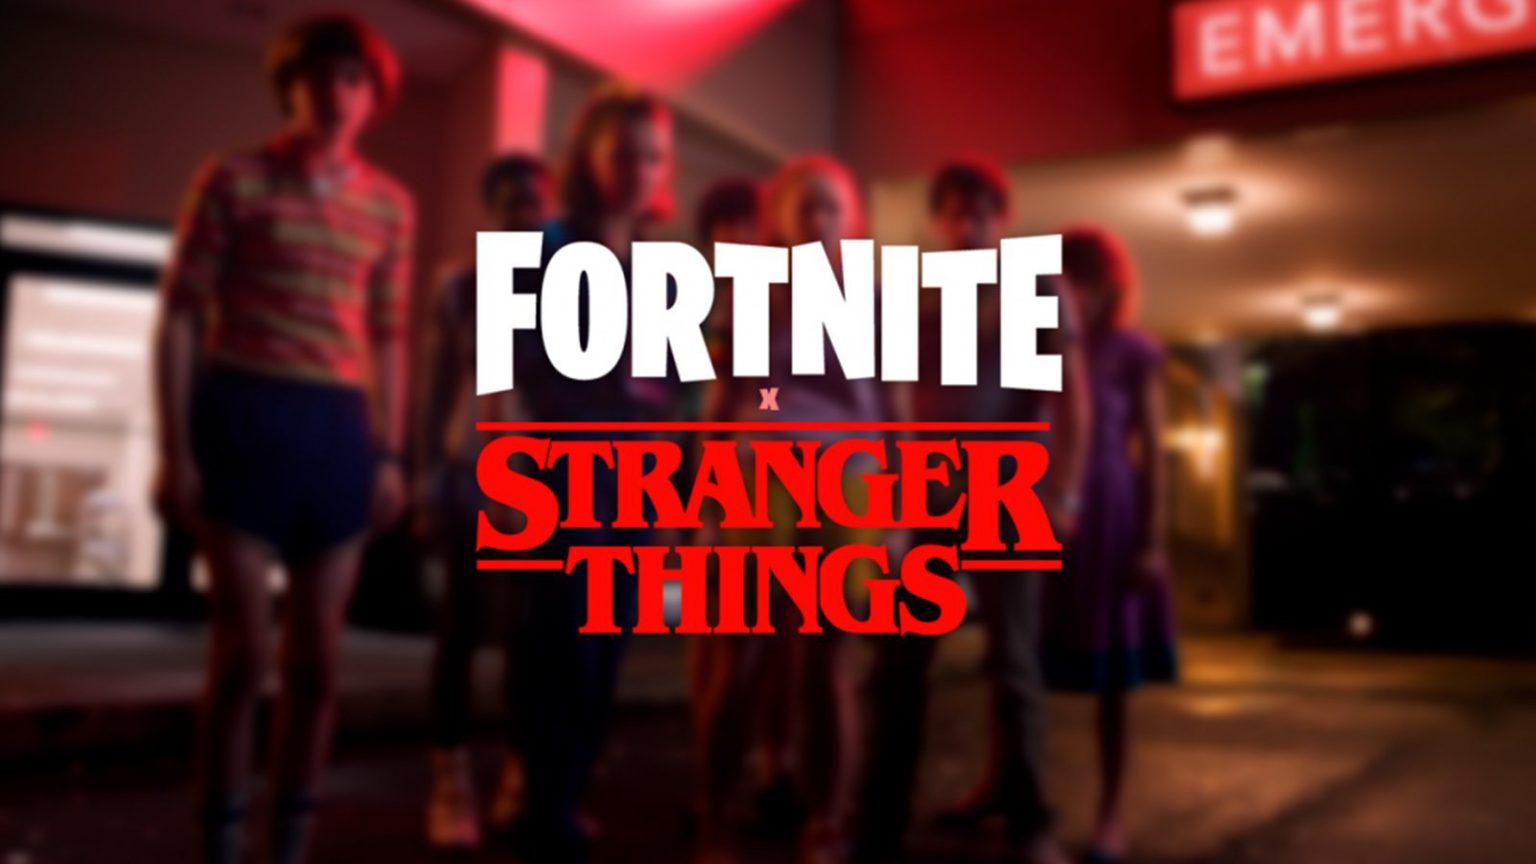 Stranger Things Fortnite